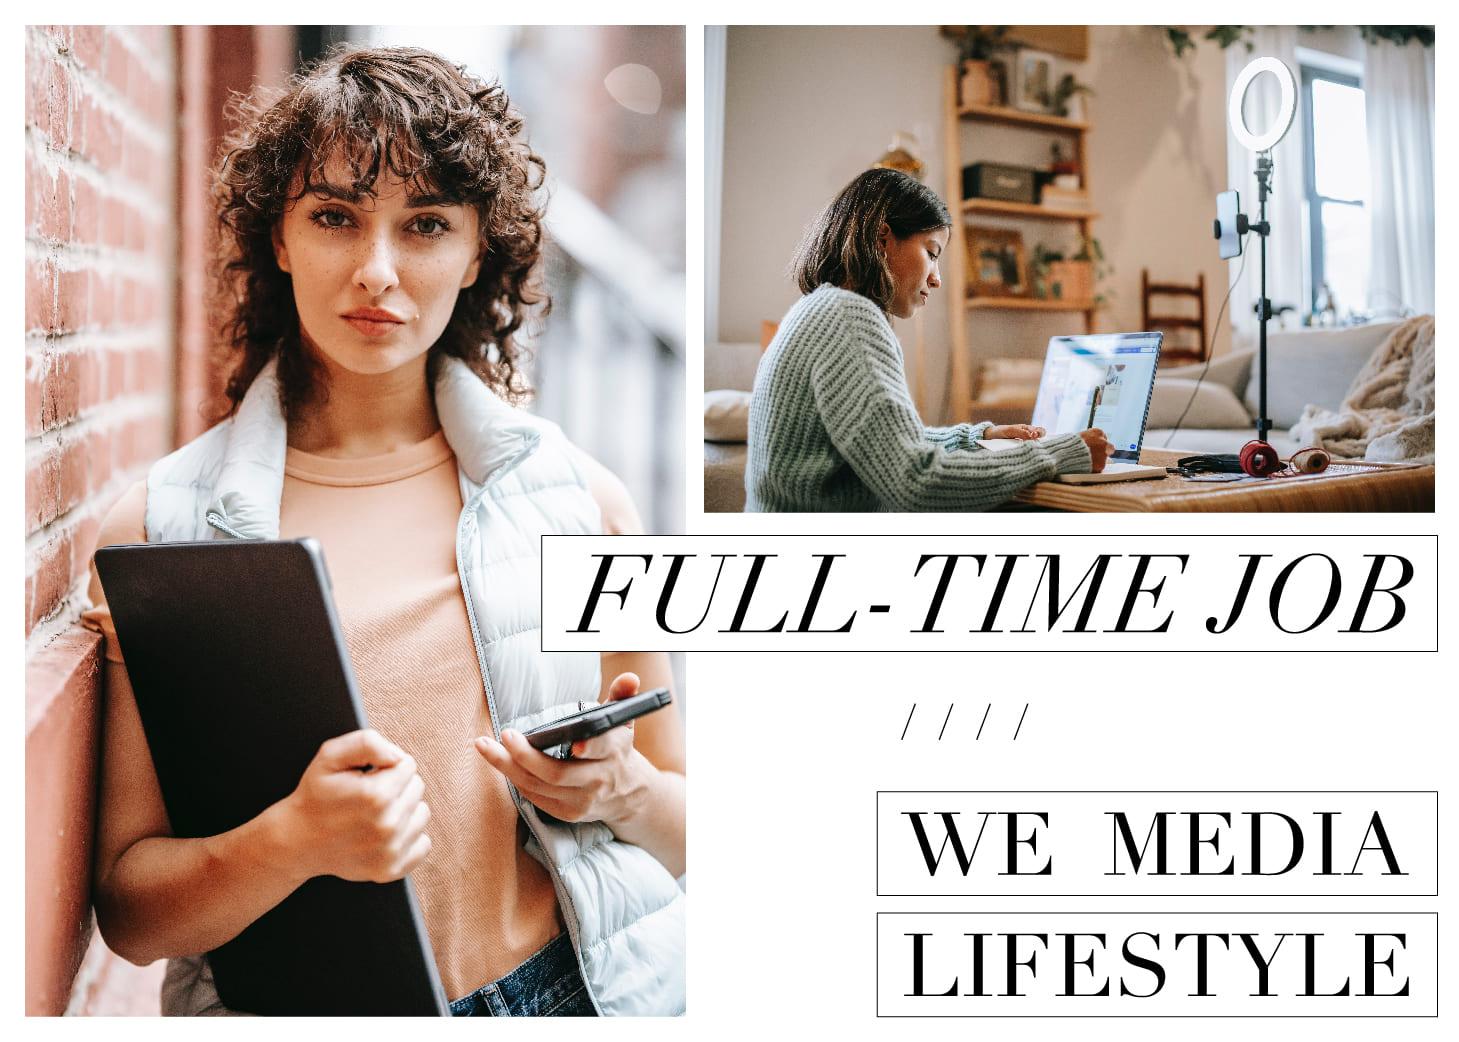 斜槓青年|辭呈先別遞!「斜槓族」可以兩全其美嗎?3種不影響生活的副業法則 Full-time Job / We Media/Lifestyle